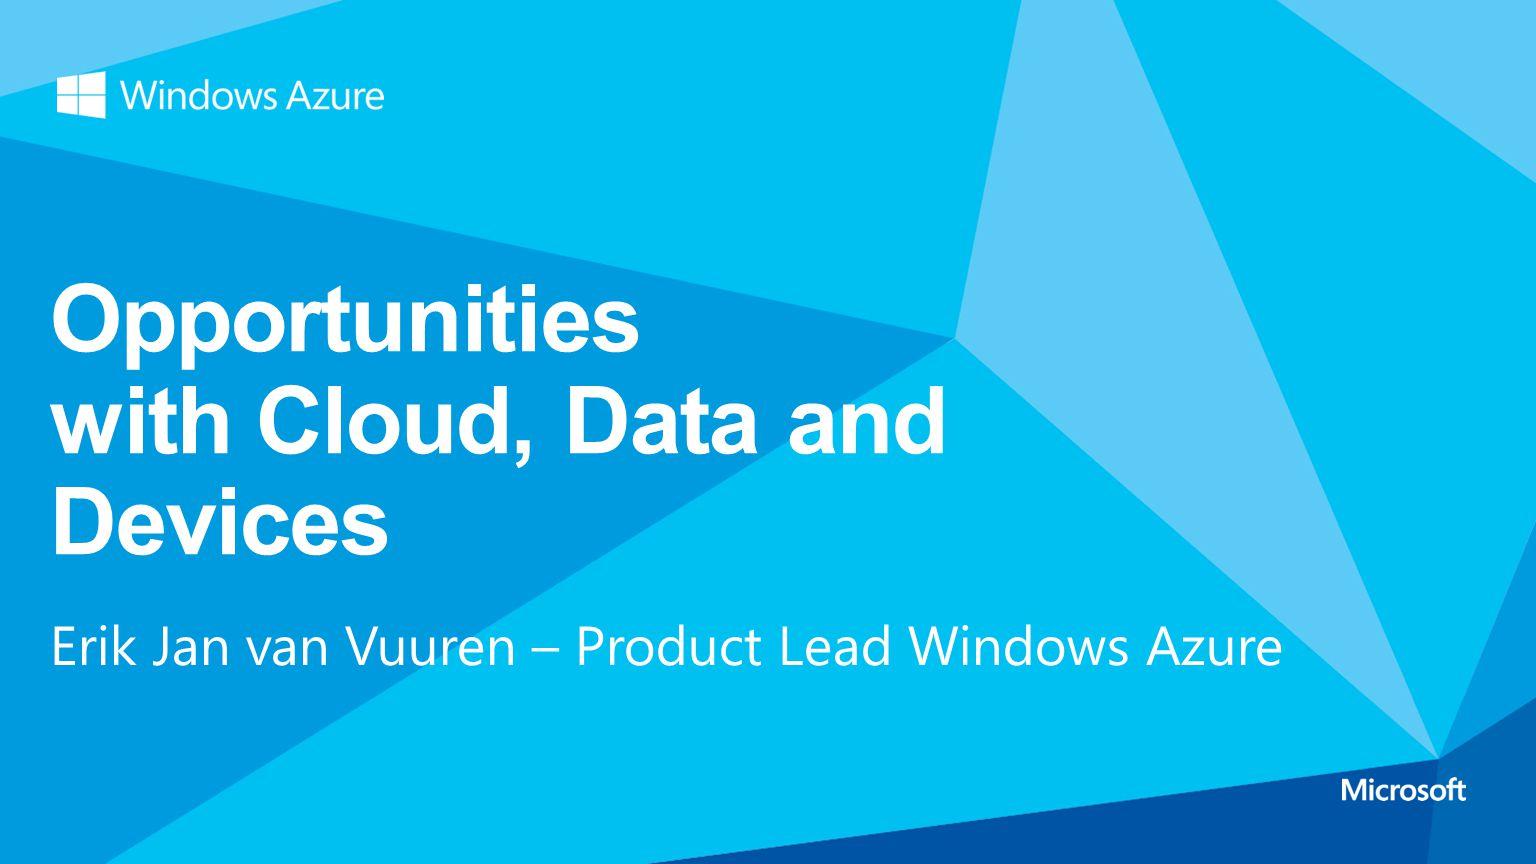 Erik Jan van Vuuren – Product Lead Windows Azure Opportunities with Cloud, Data and Devices